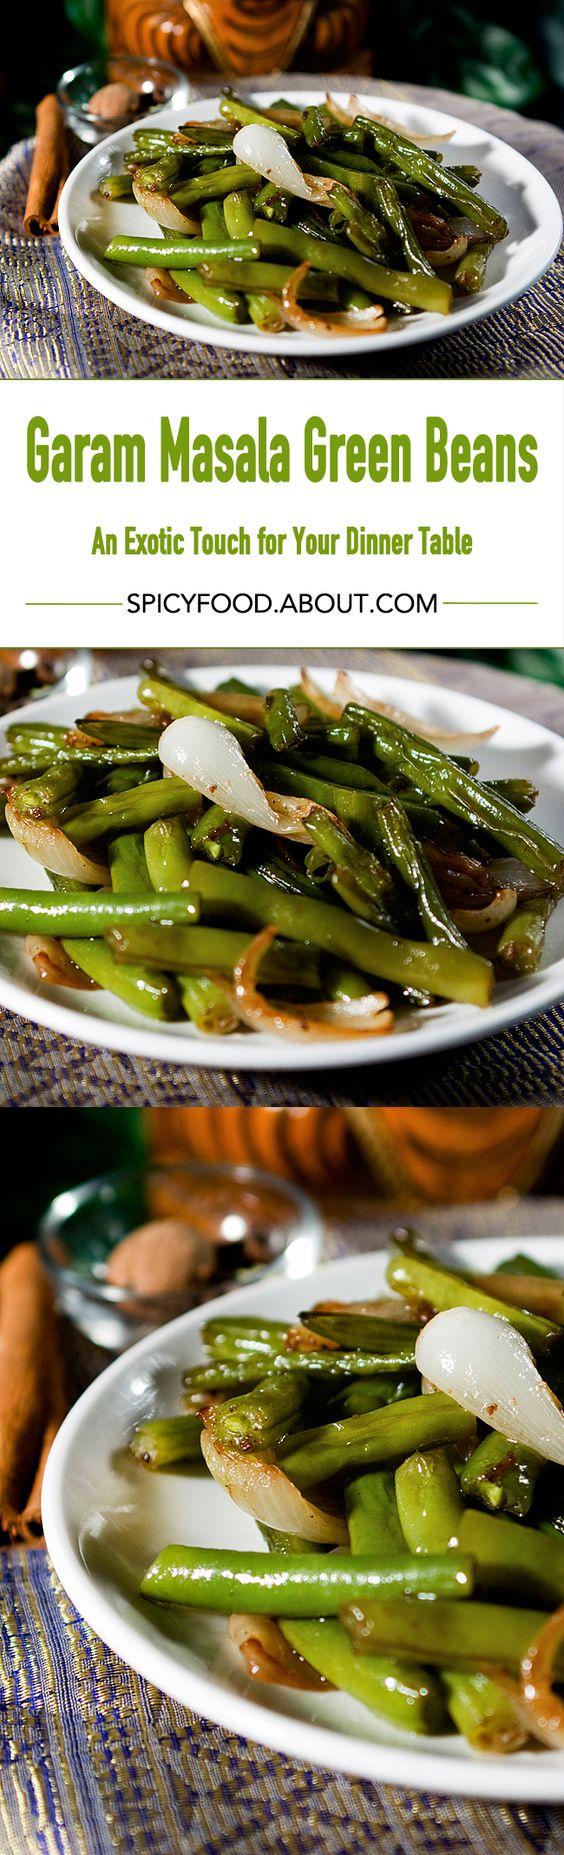 Garam Masala Green Beans: An Exotic Touch for Your Dinner Table | #garammasala #curried #greenbeans #vegan